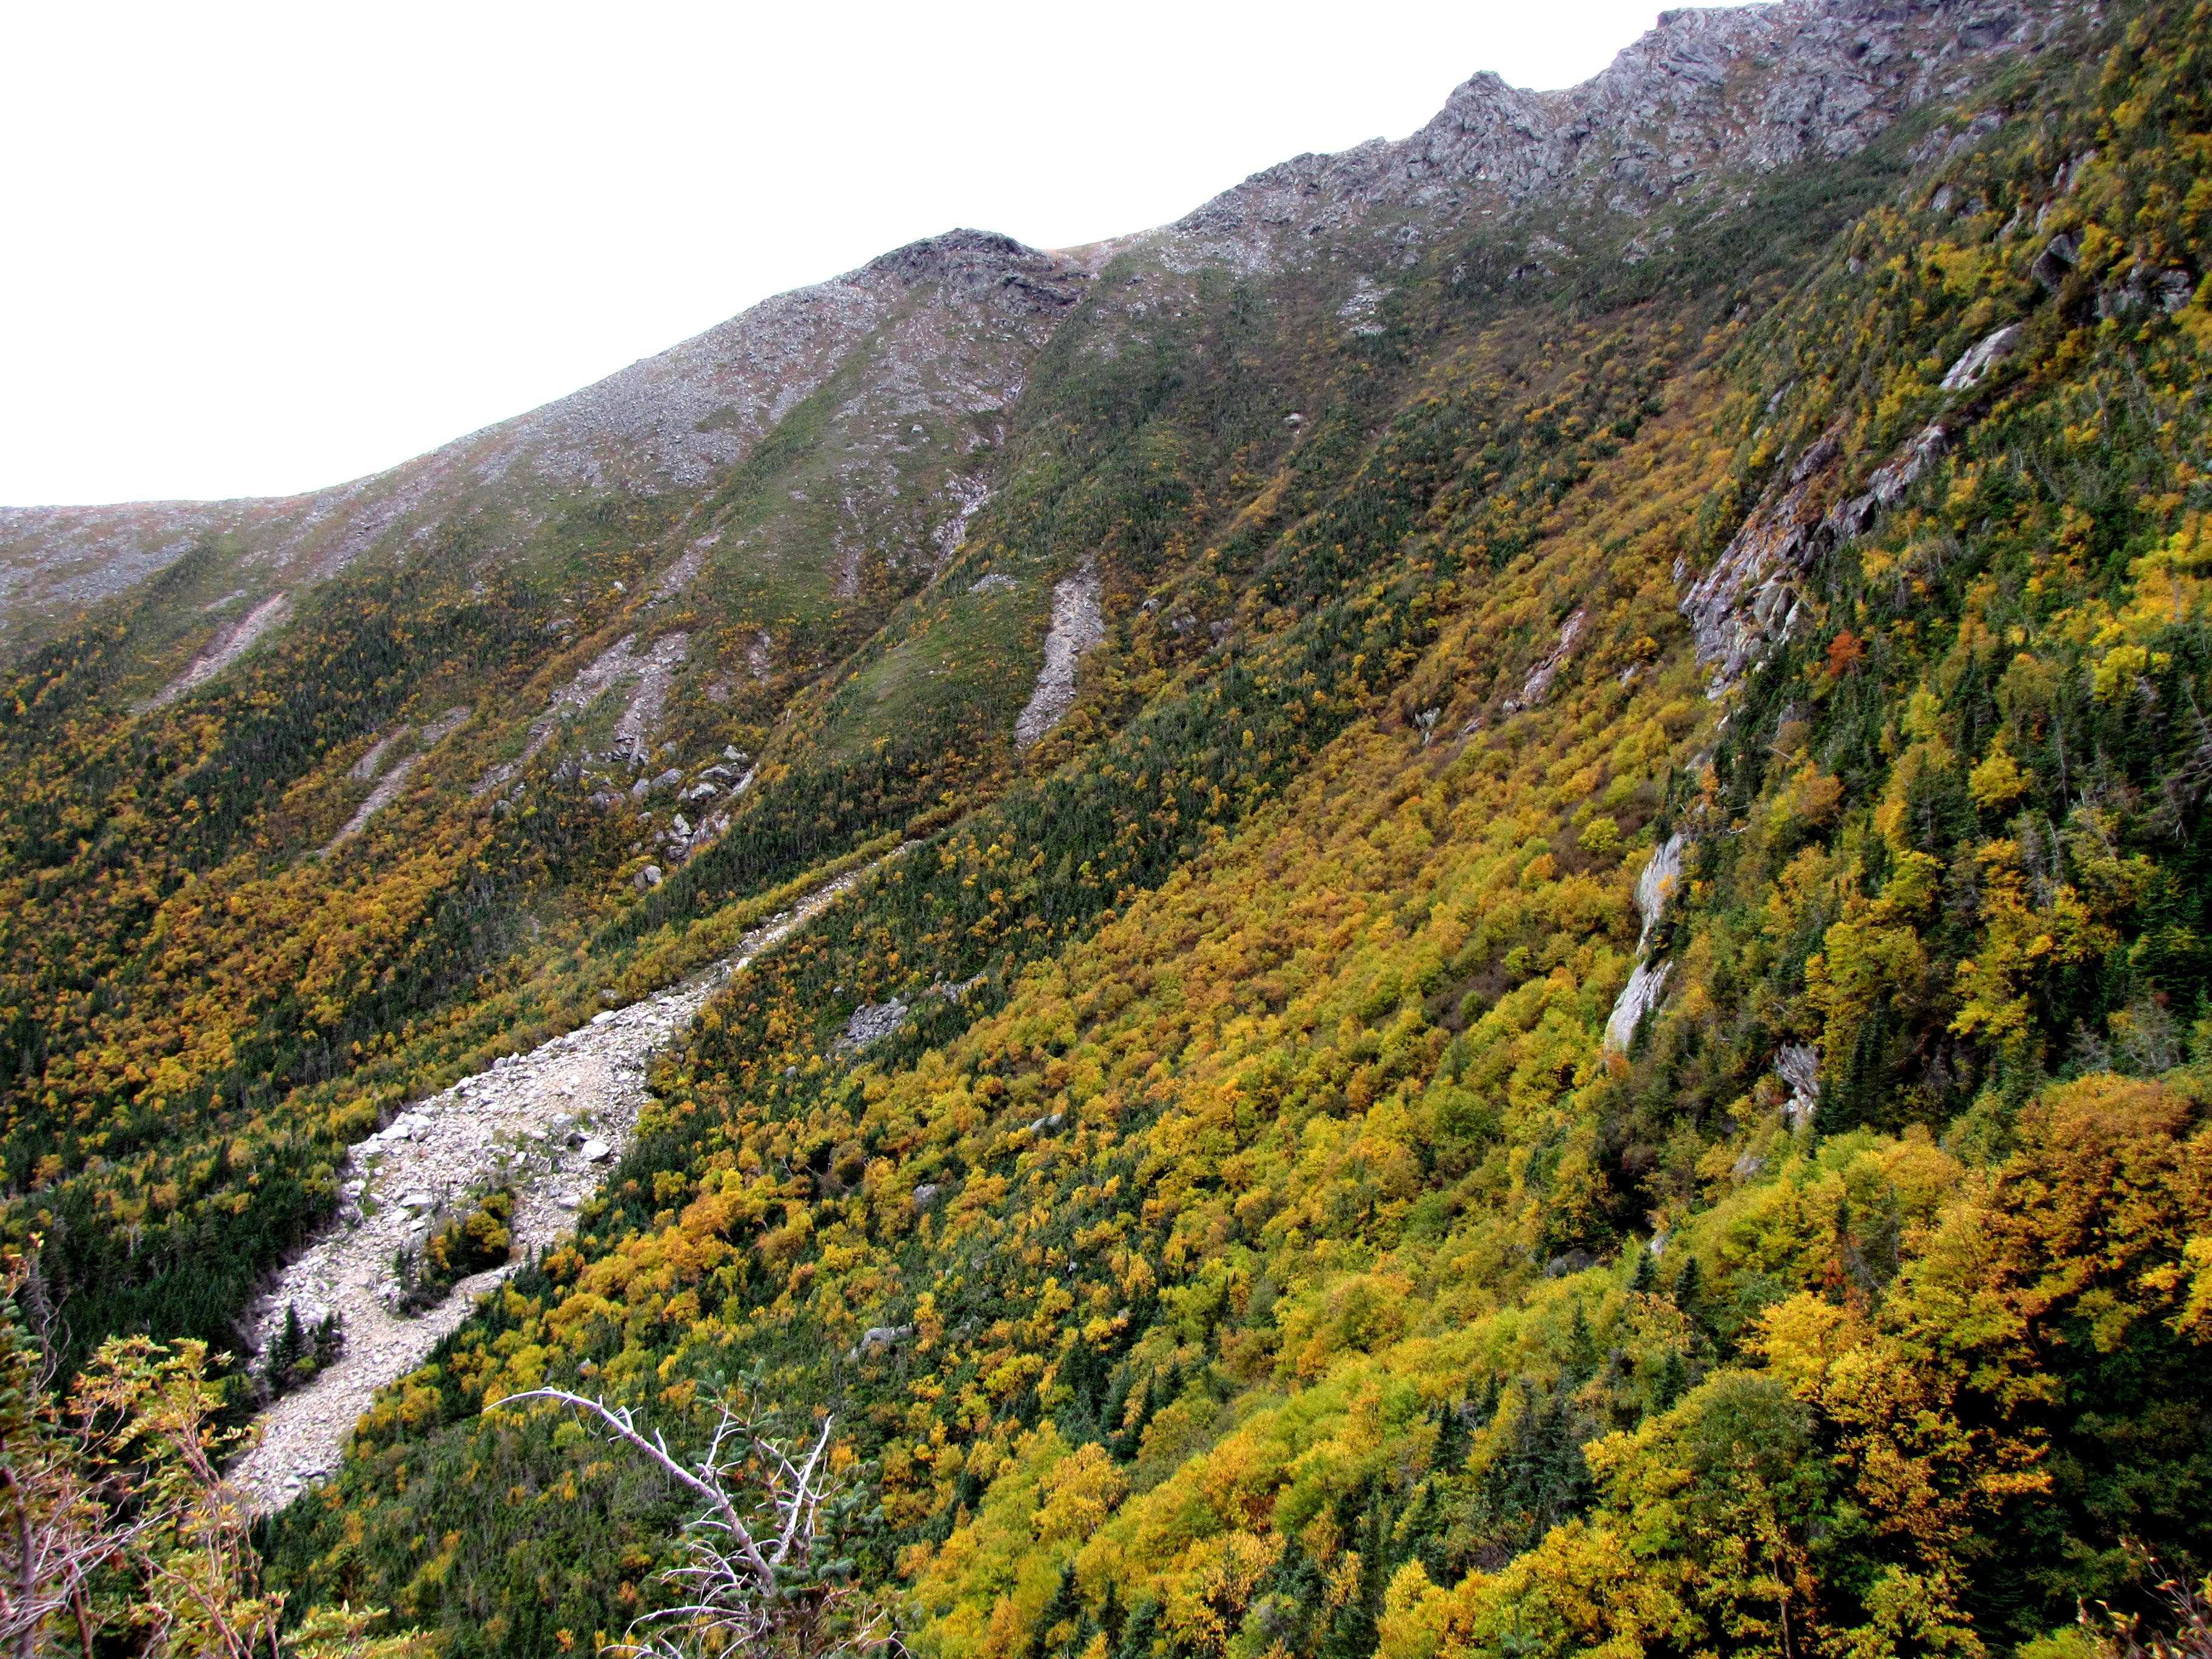 Hiking_MountWashington_USA